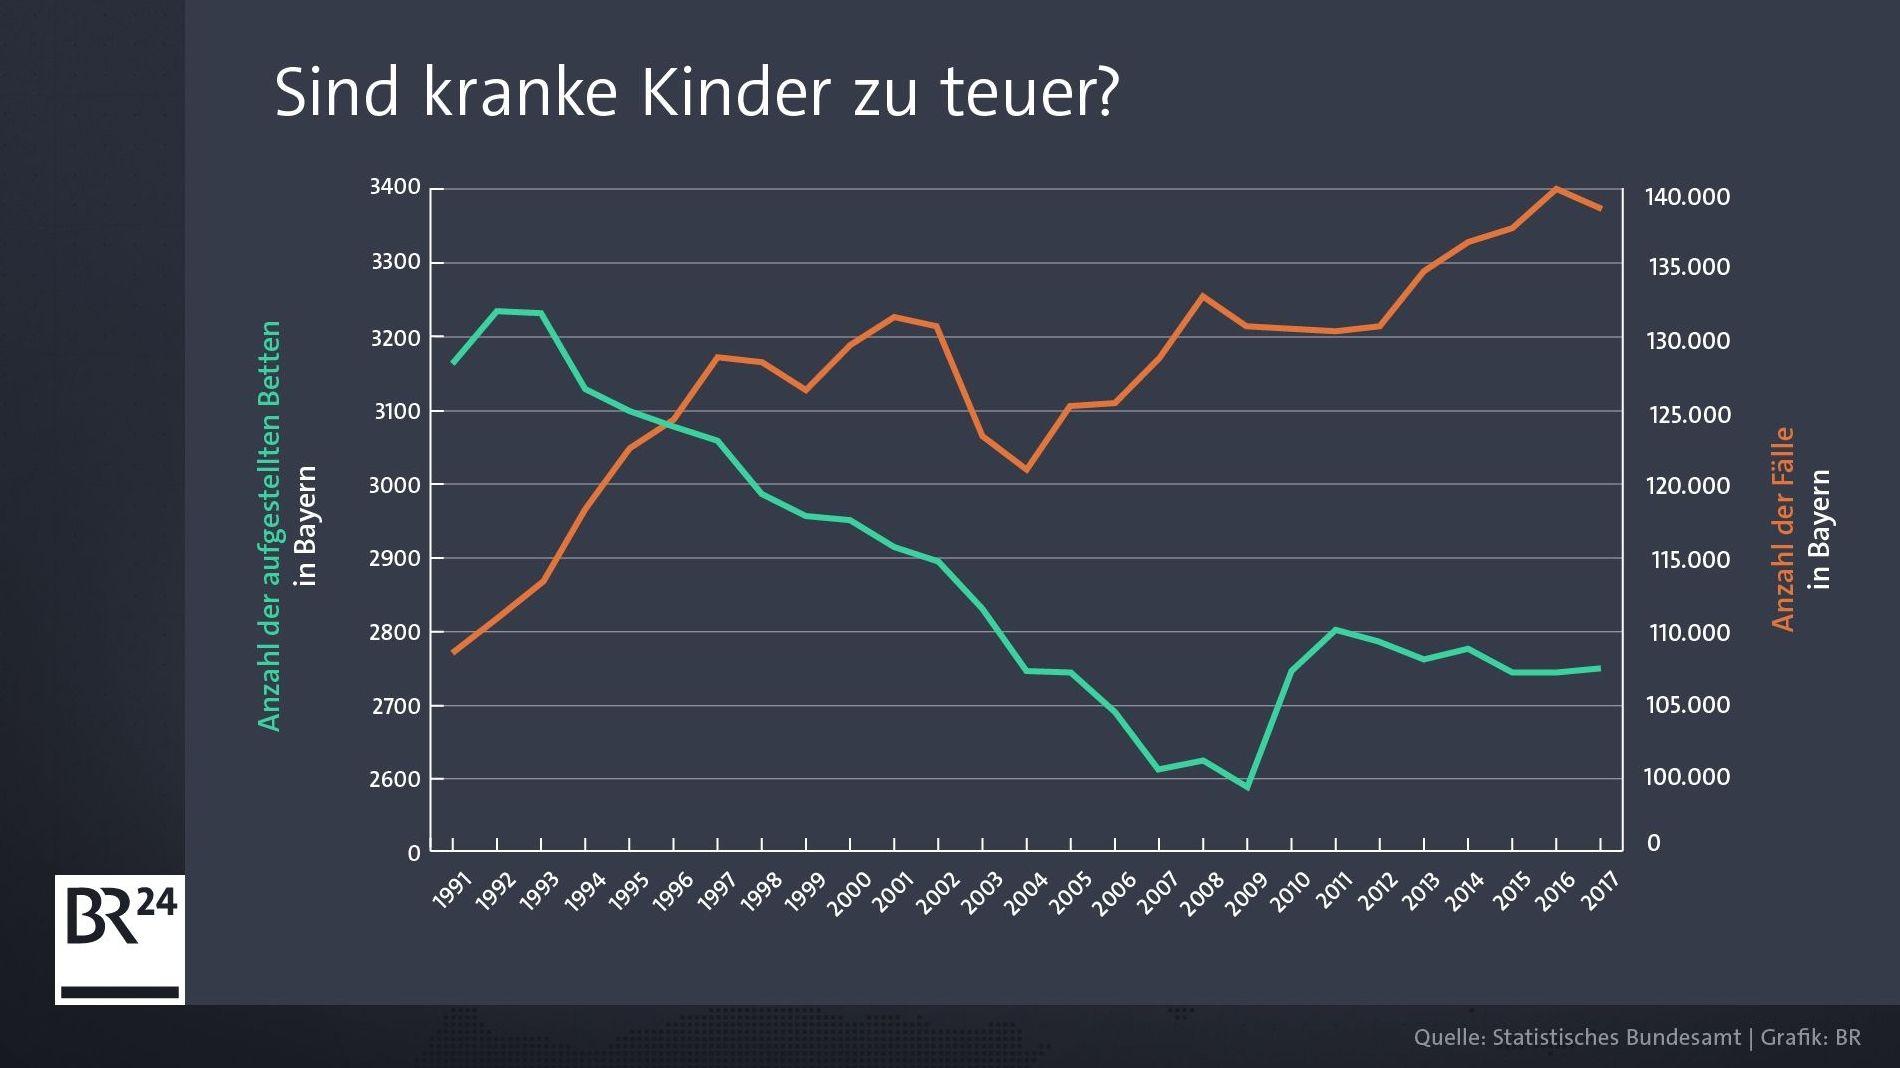 Schaubild Bettenanzahl und Krankheitsfälle Kinder in Bayern